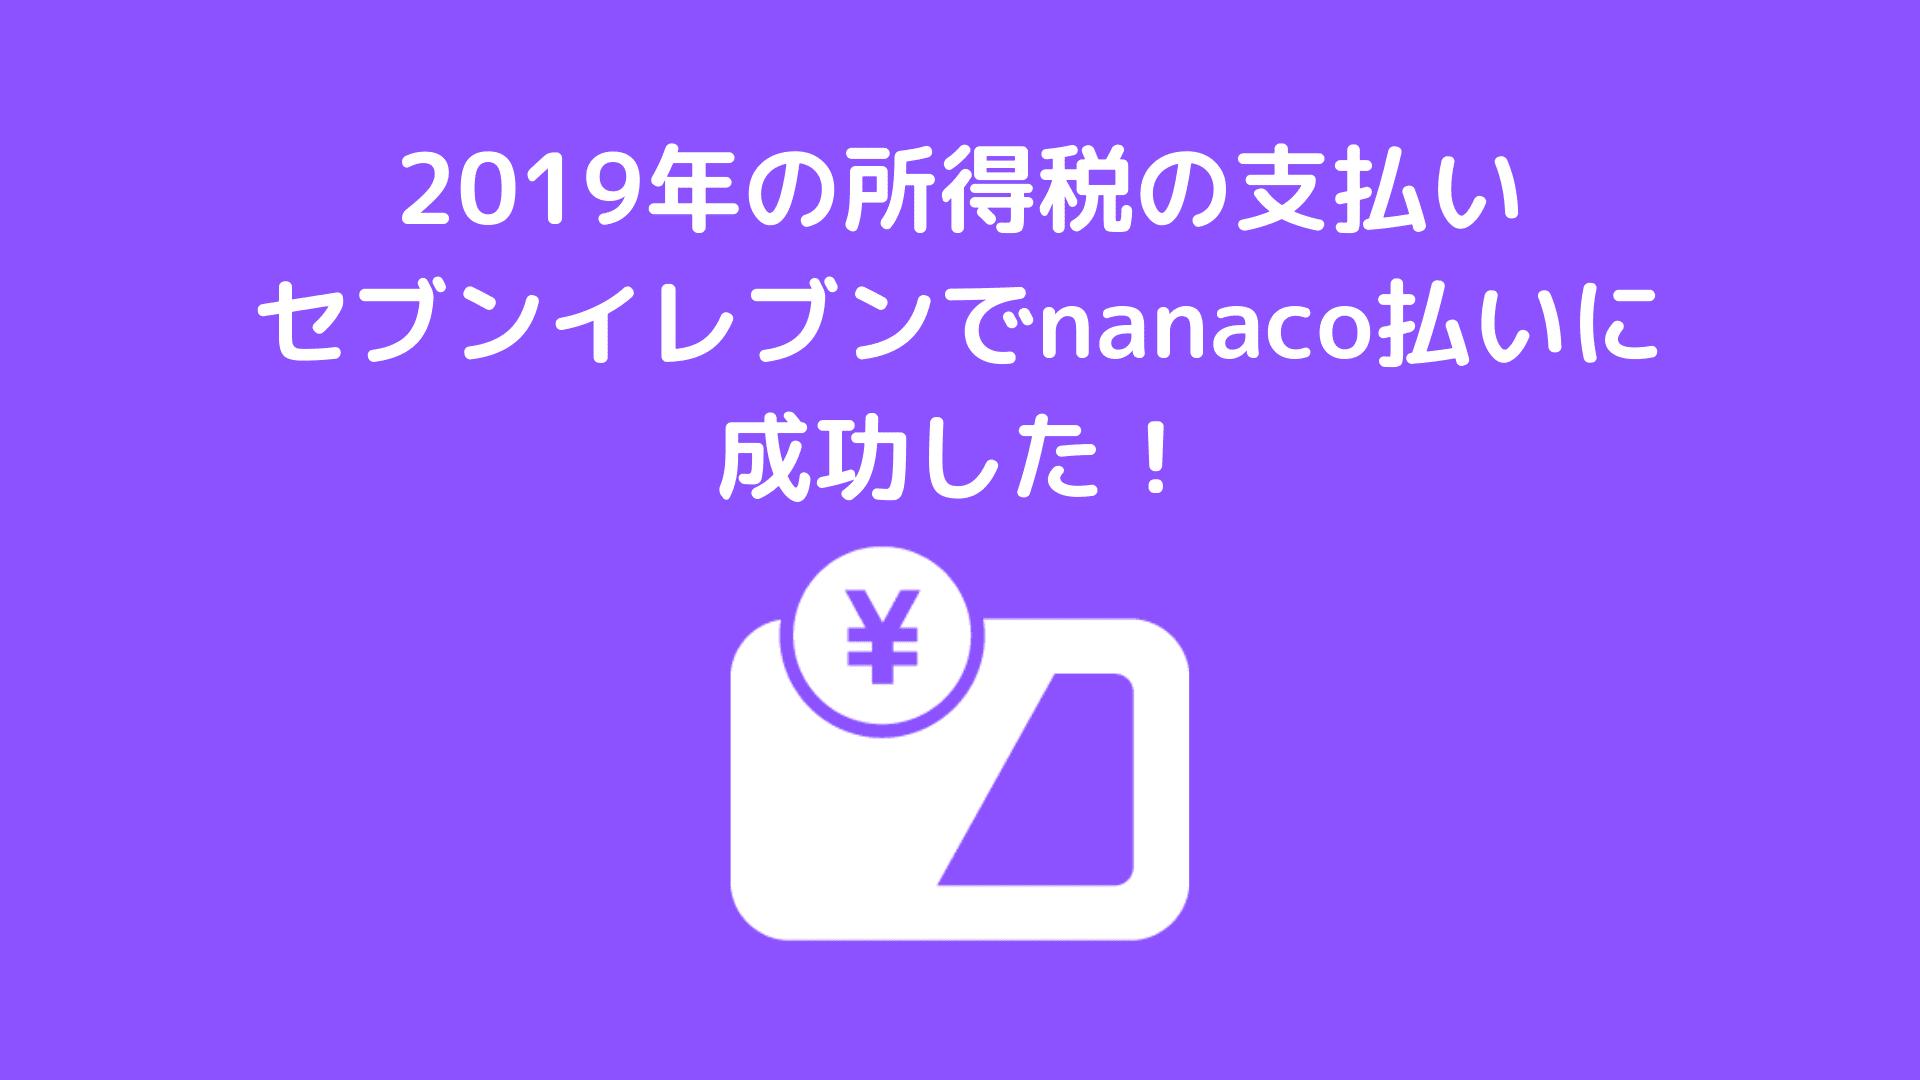 2019年の所得税の支払セブンイレブンでnanaco払いに成功!